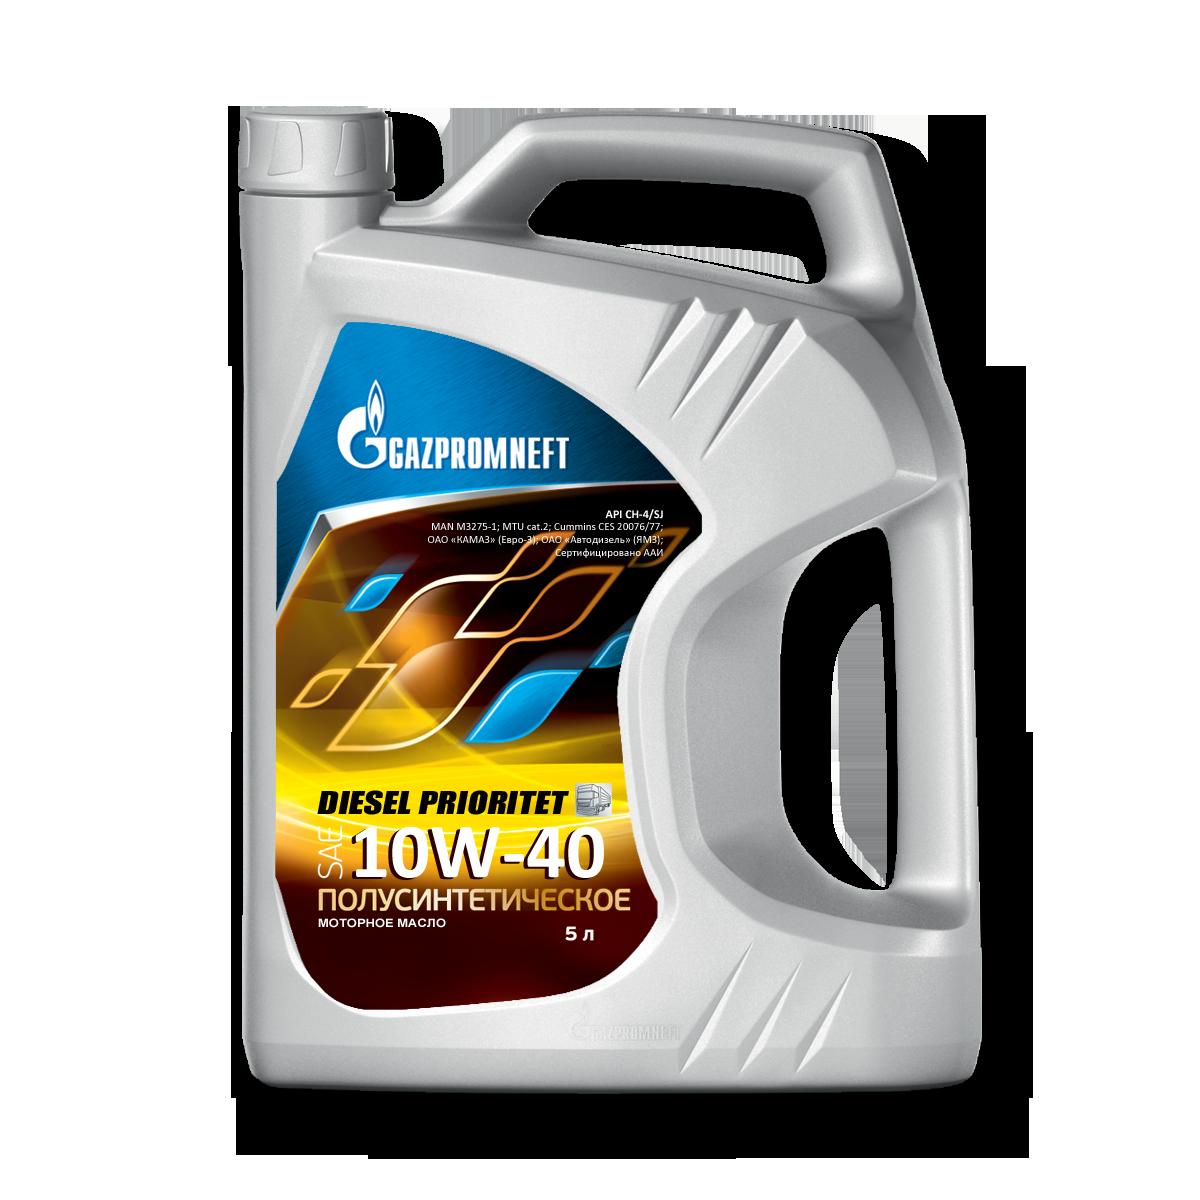 Gazpromneft Diesel Prioritet 10W40 Полусинтетическое моторное масло